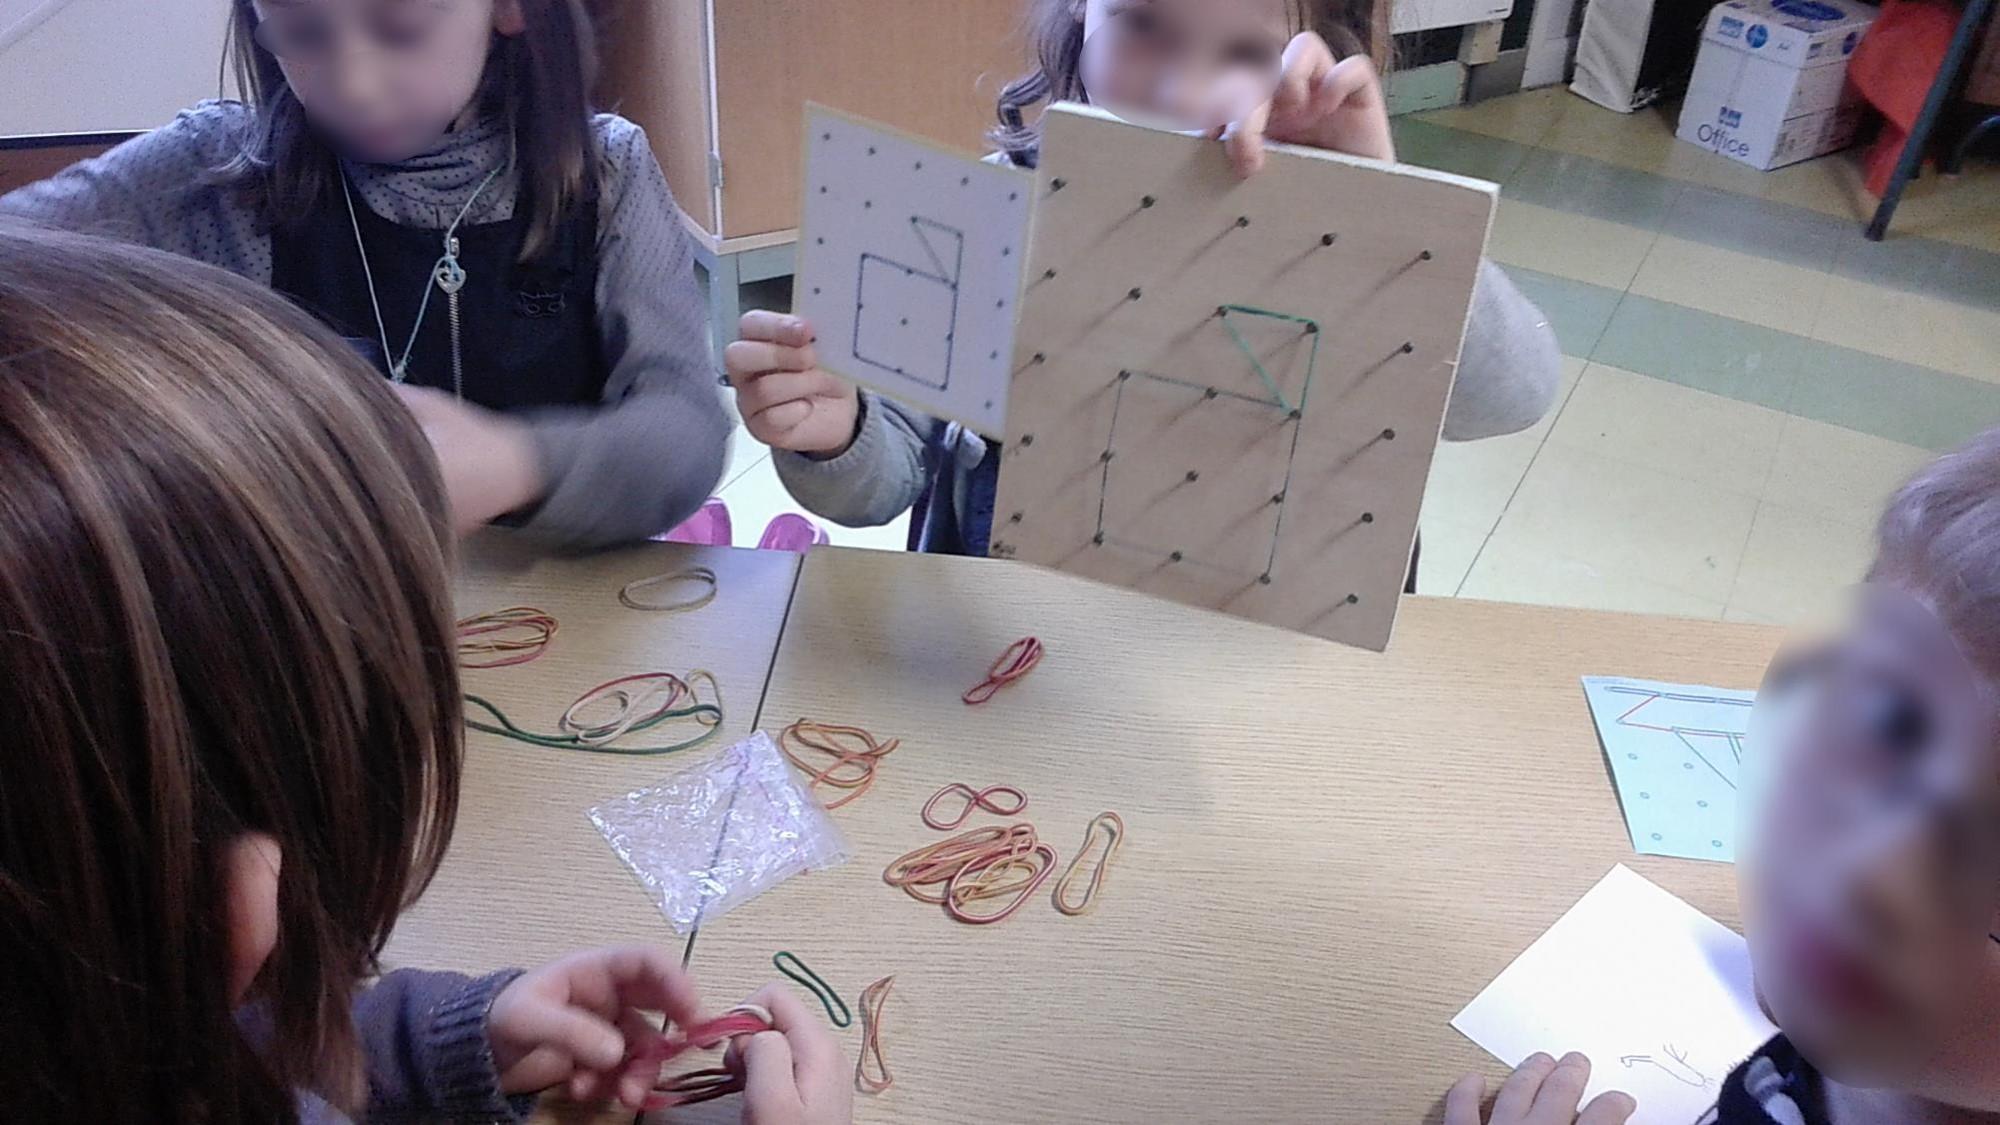 Les élèves comparent les figures sur le dessin et le géoplan